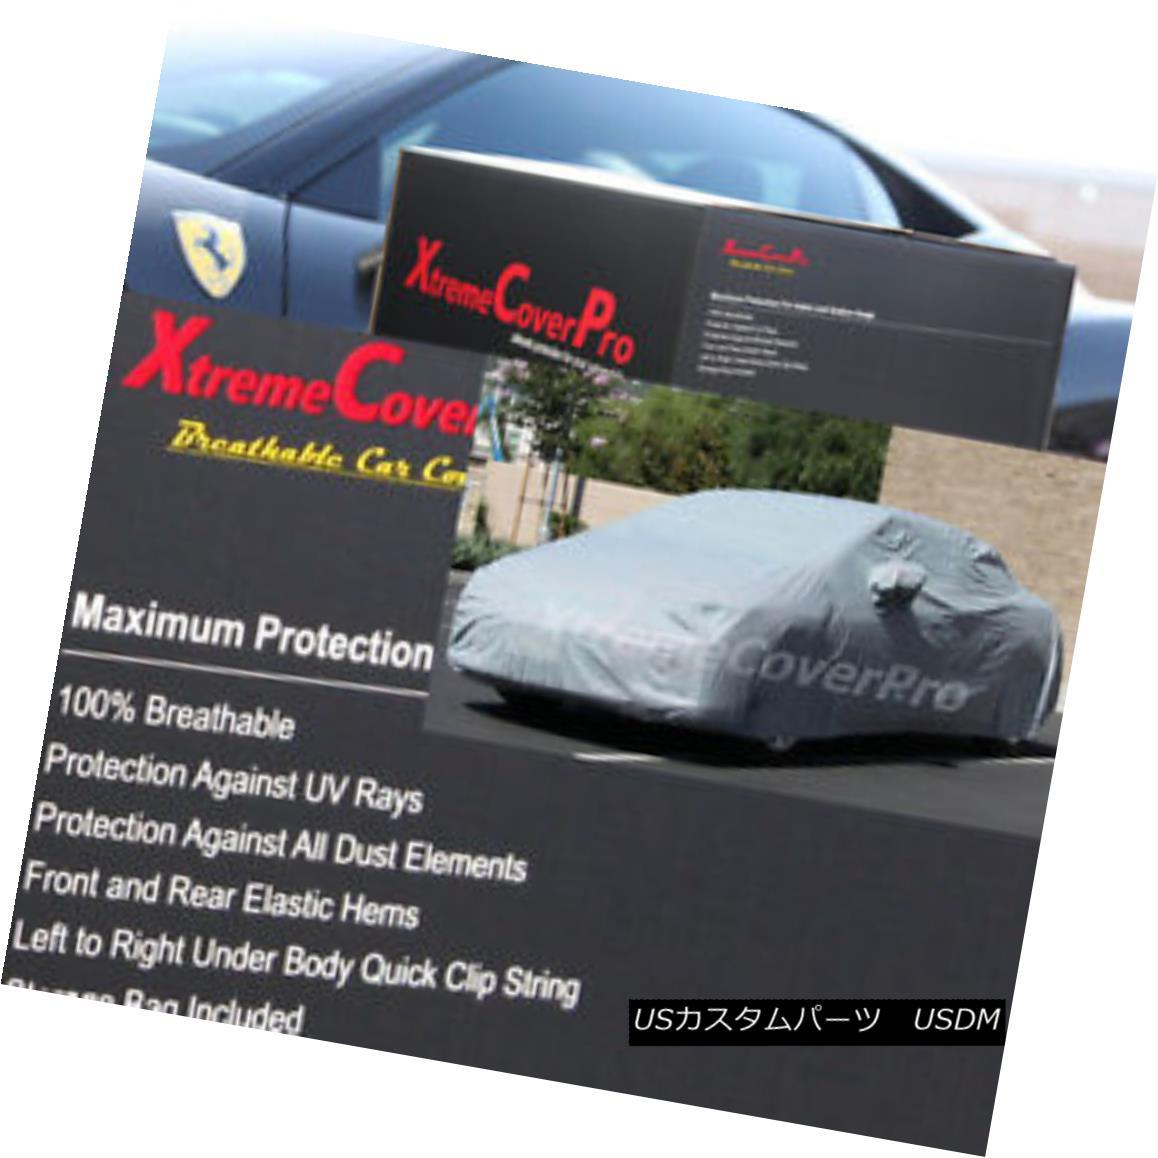 カーカバー 1992 1993 Mercedes 400SEC 500SEC 600SEC Breathable Car Cover w/MirrorPocket 1992 1993 Mercedes 400SEC 500SEC 600SEC通気性車カバー付きMirrorPocket